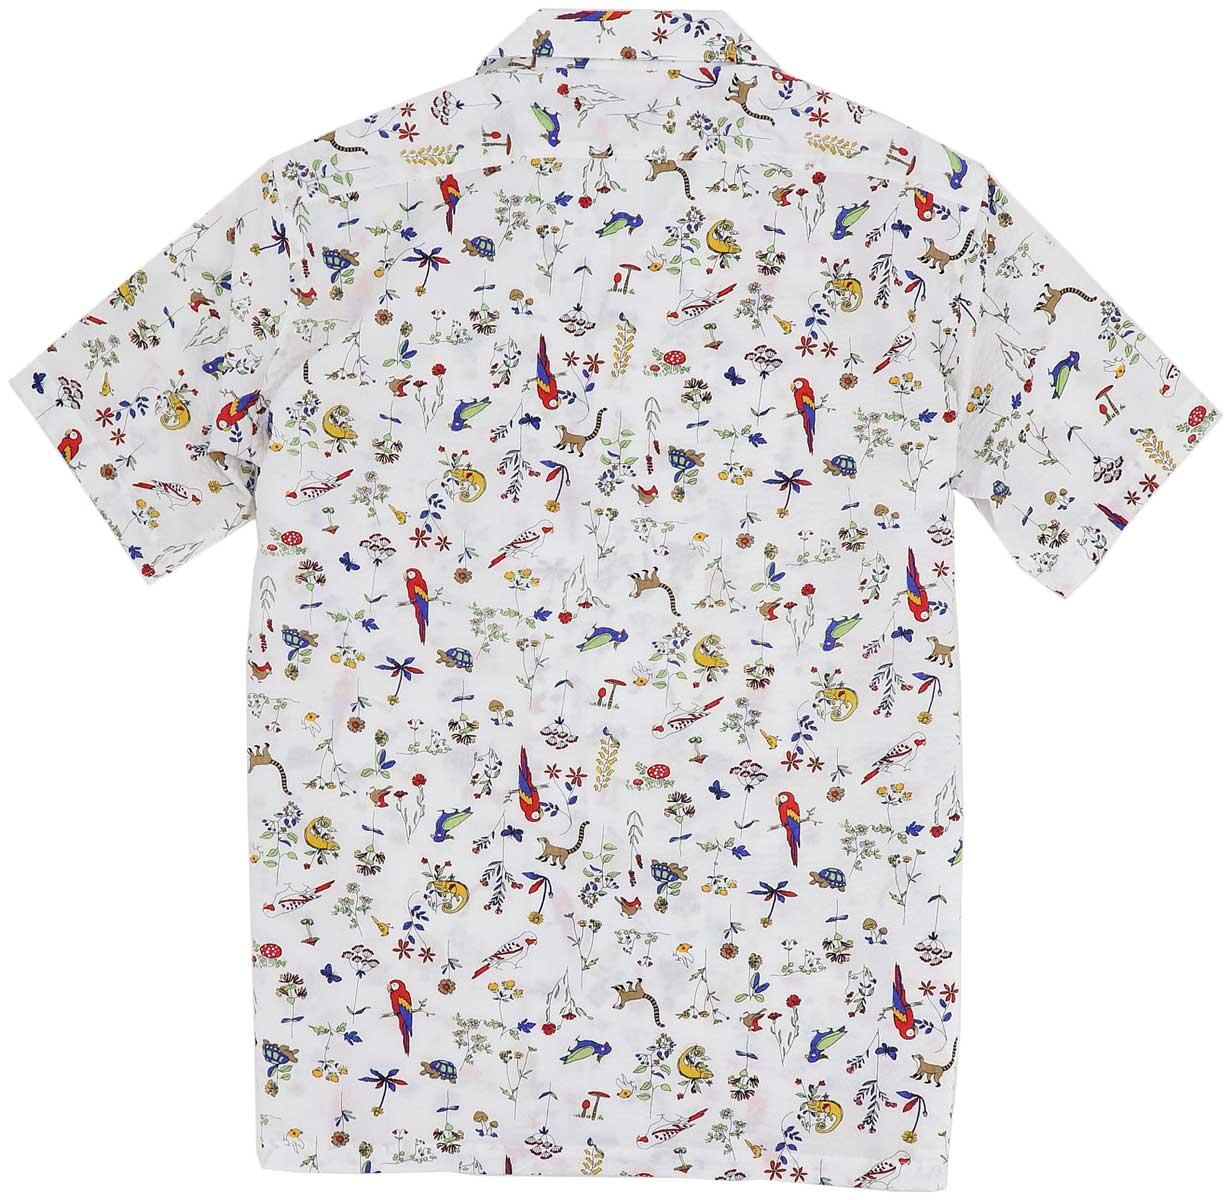 スウィープ ロサンゼルス Sweep!! LosAngeles メンズ リゾートライン:シアサッカー 南国プリント オープンカラーシャツ リゾートライン / SL140005 SWP WHITE(ホワイト) 春夏新作